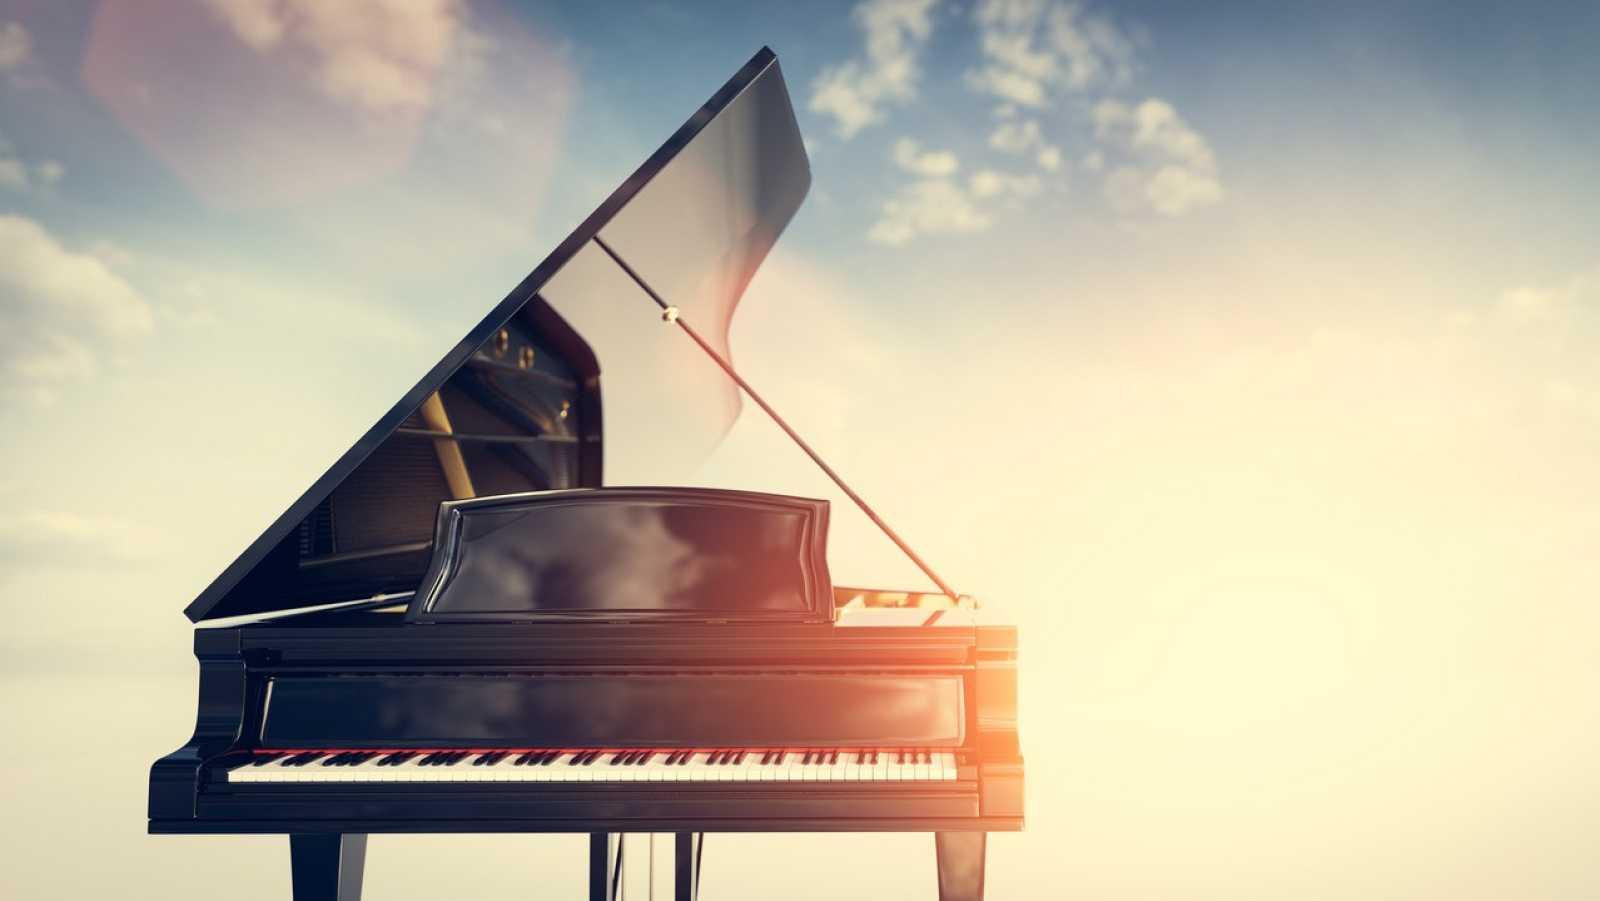 Gran repertorio - CHOPIN: Estudios para piano - 24/02/21 - escuchar ahora